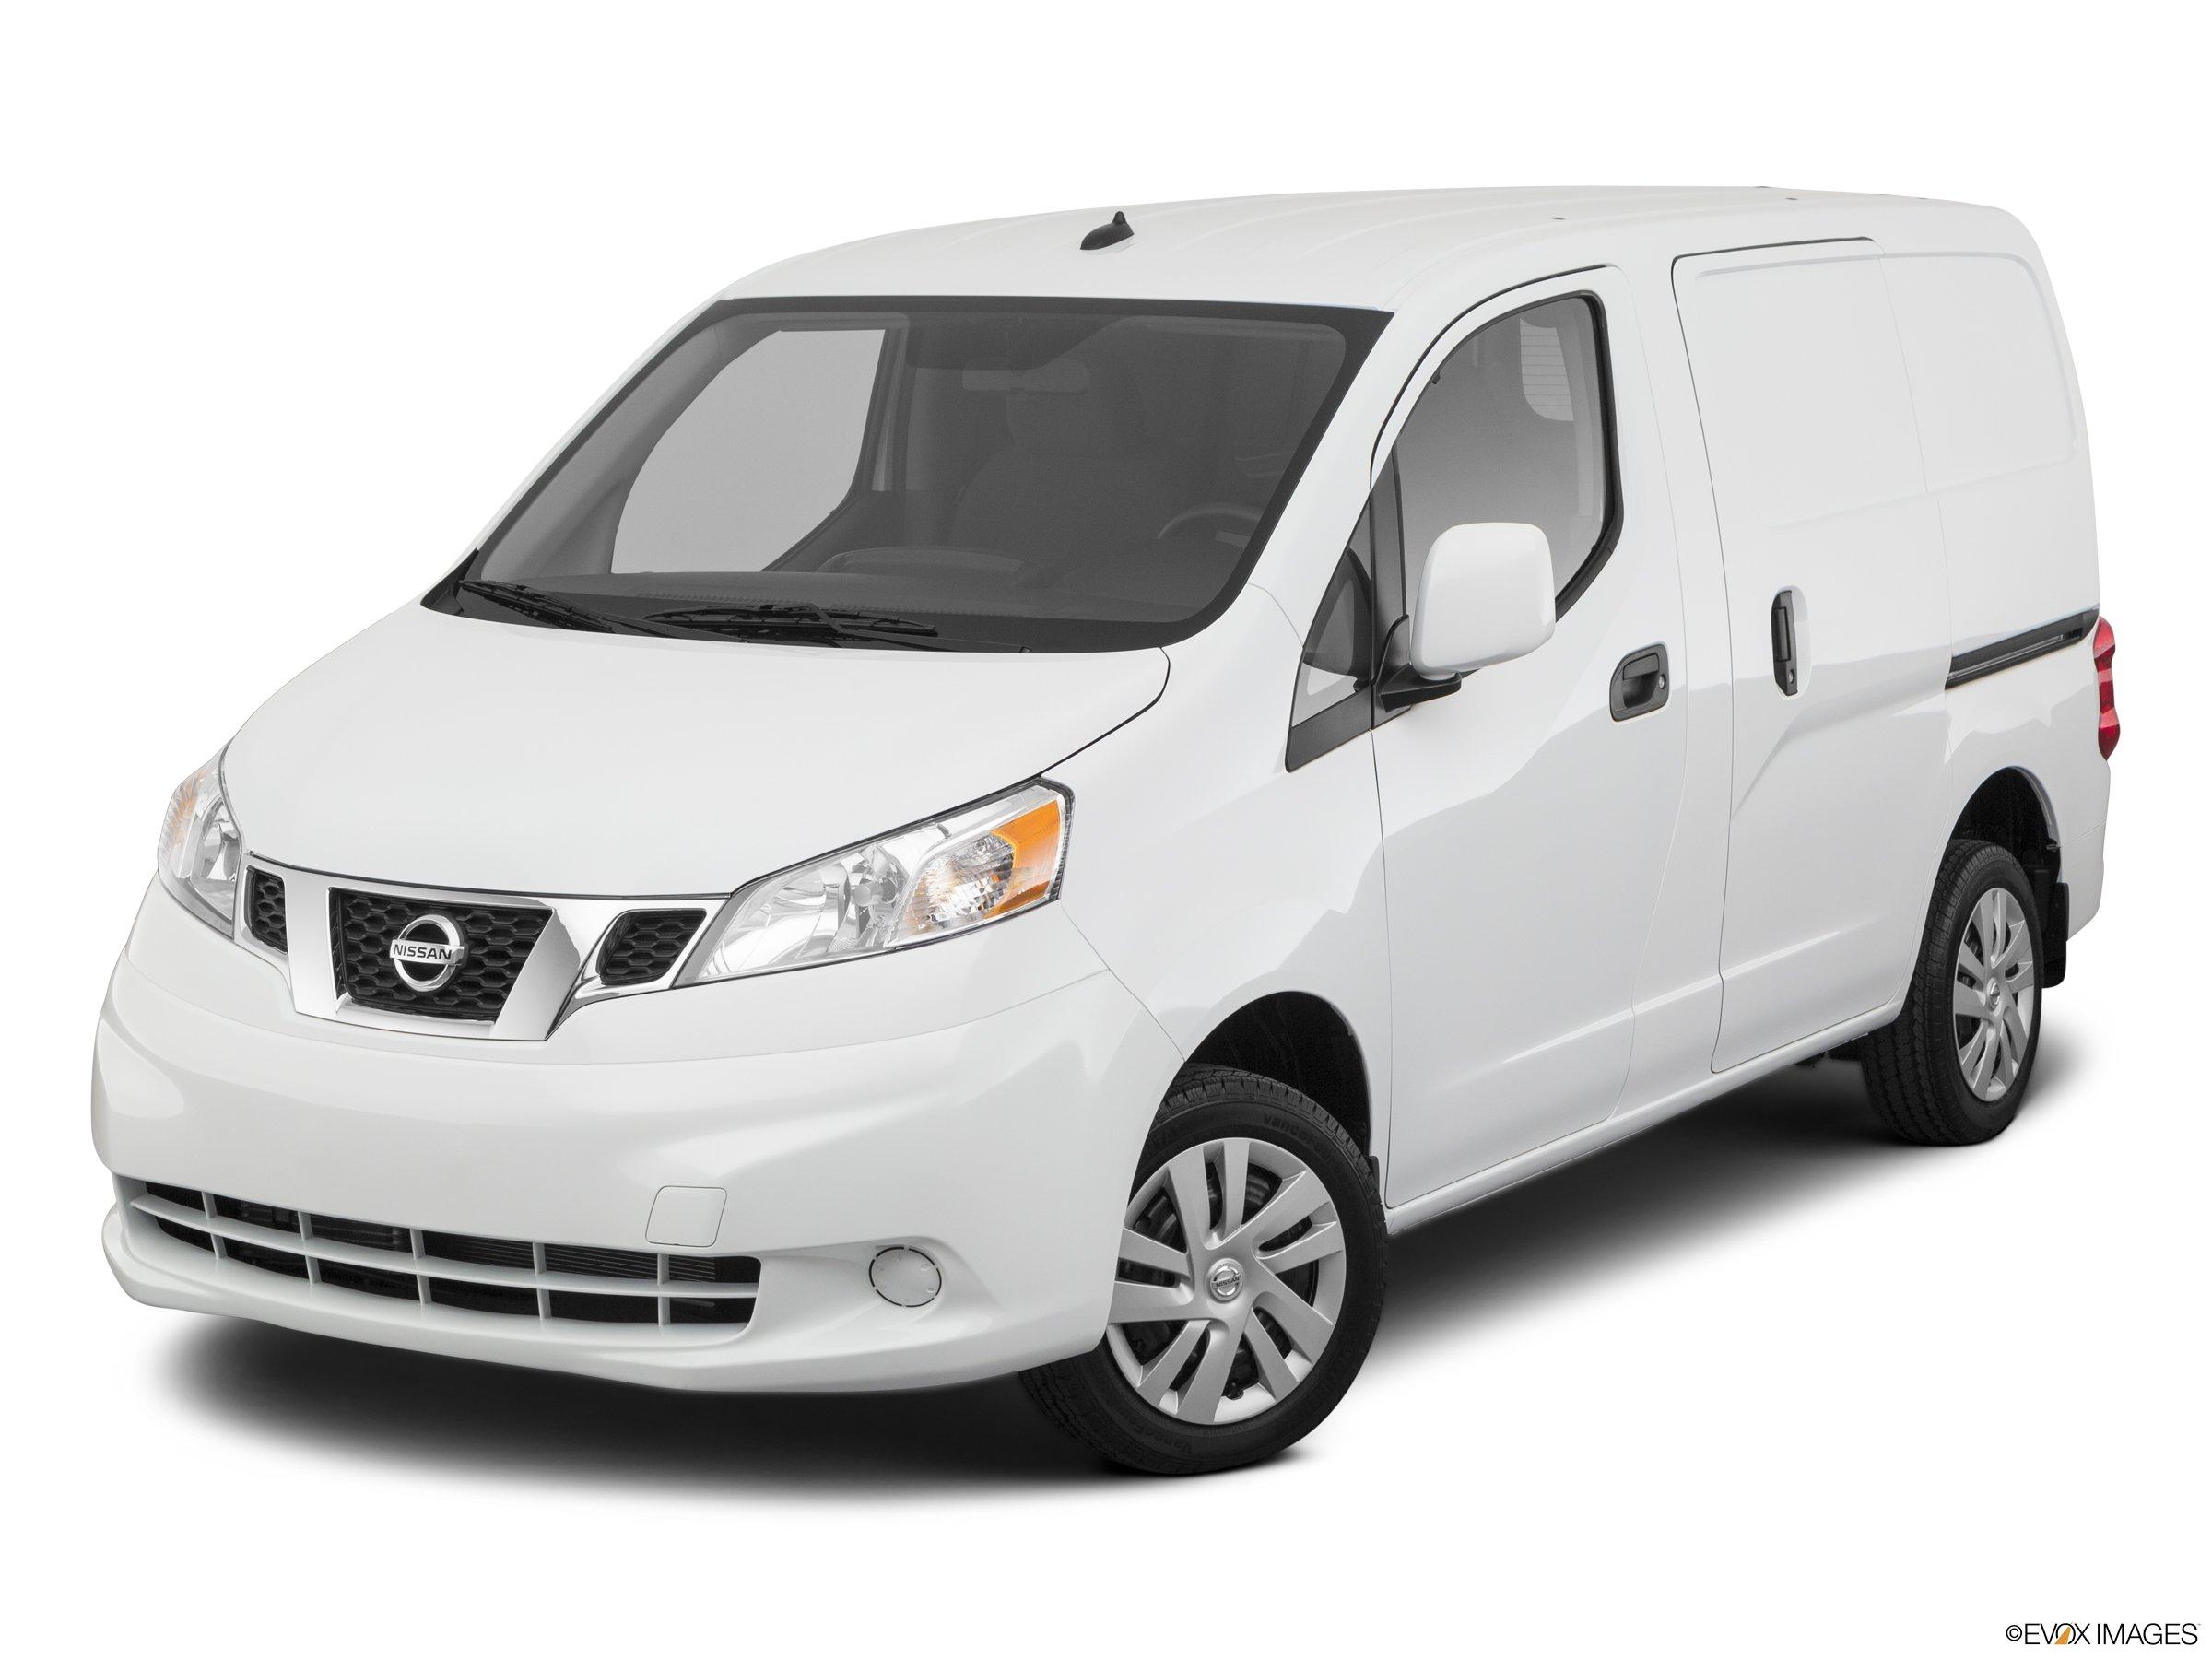 2020 Nissan NV200 Compact Cargo SV FWD cargo van